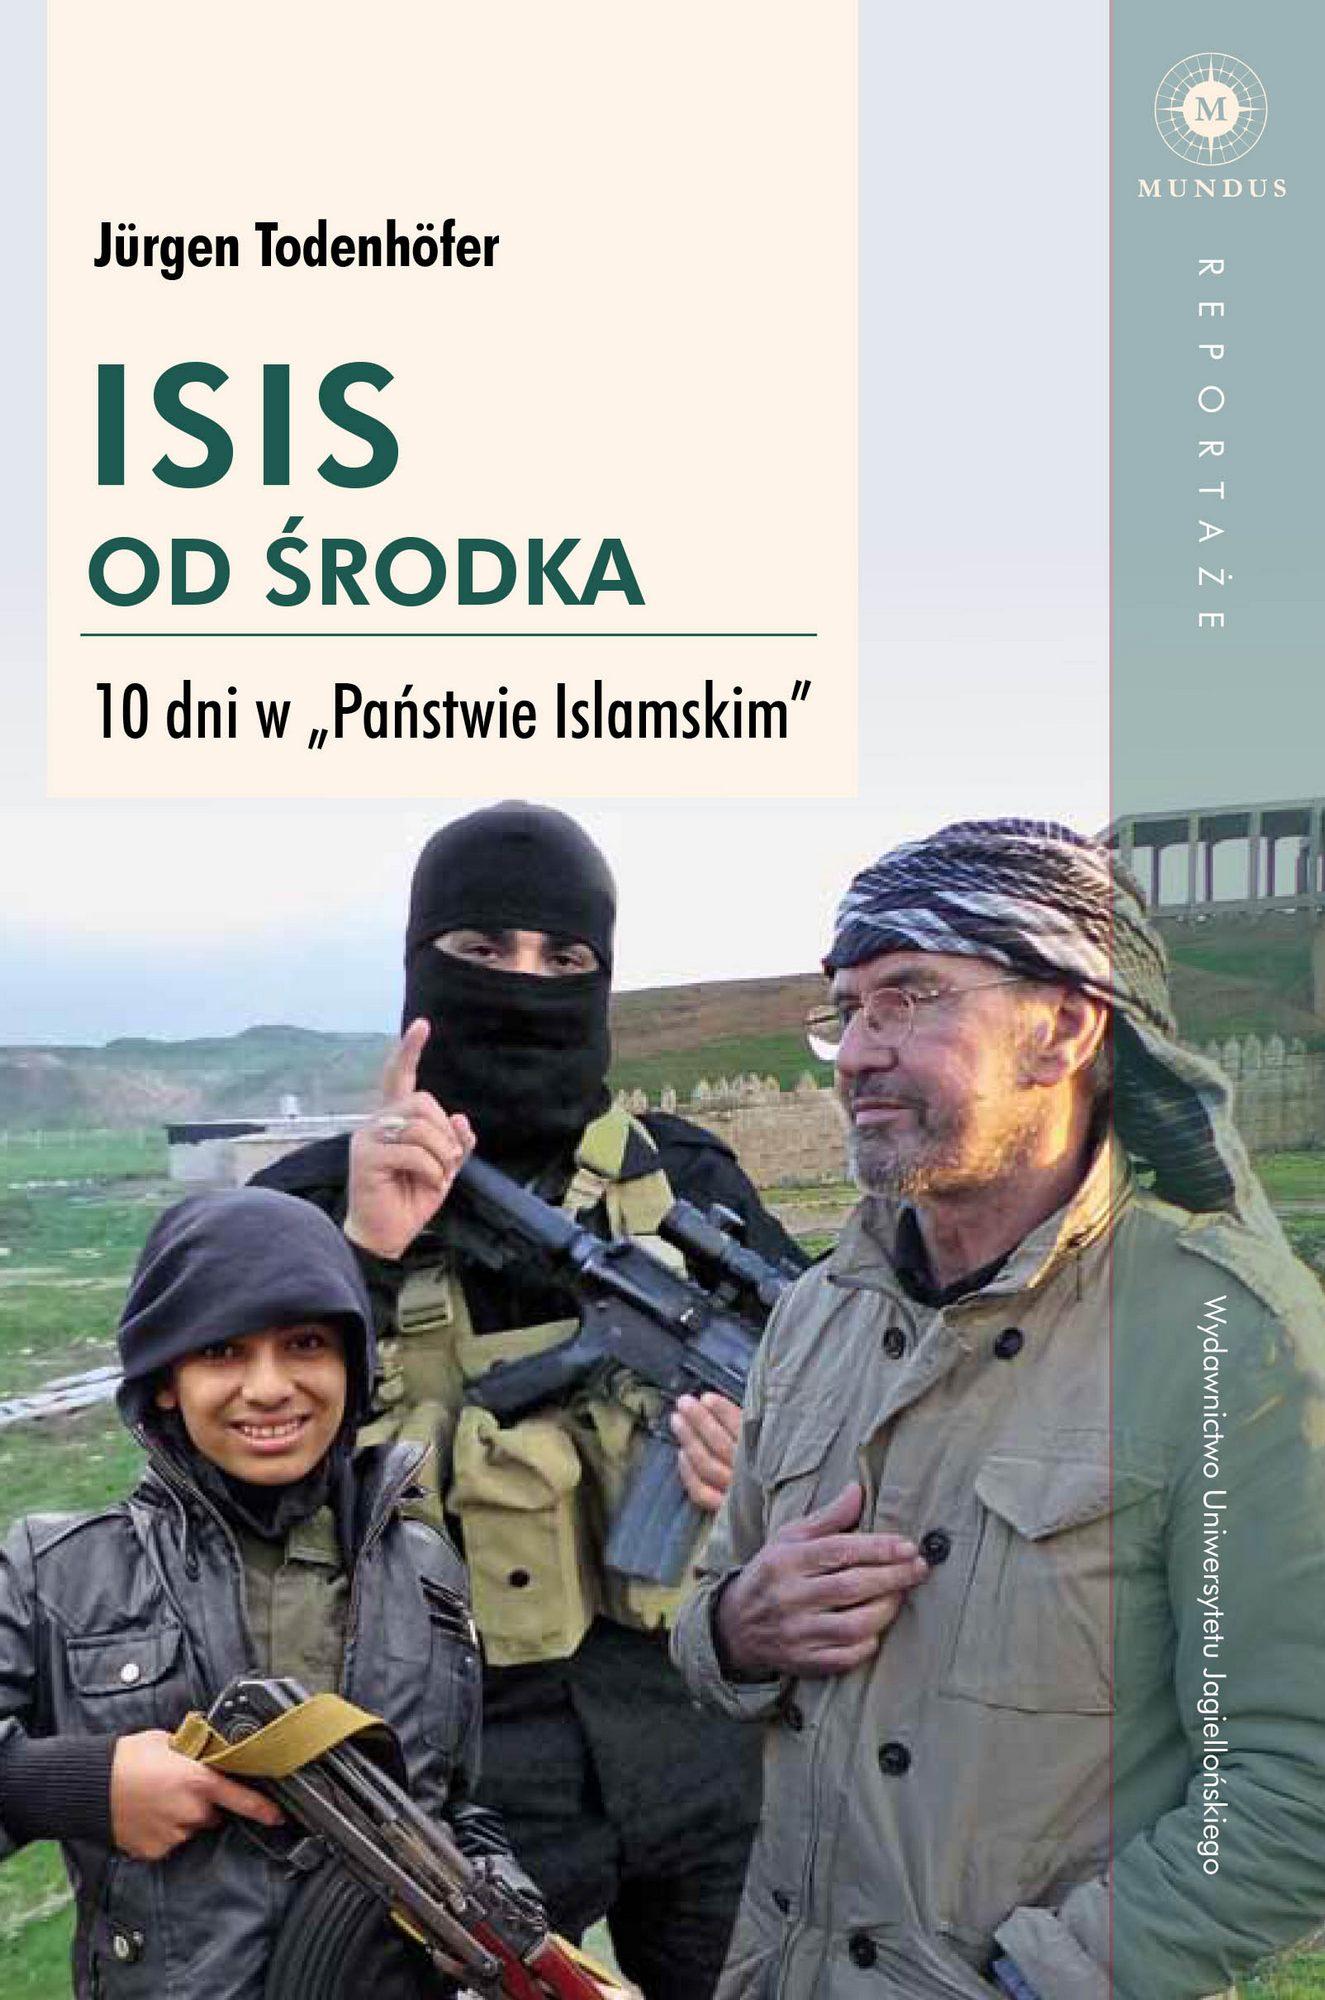 """Jürgen Todenhöfer, """"ISIS od środka. 10 dni w «Państwie Islamskim»"""" – okładka (źródło: materiały prasowe)"""